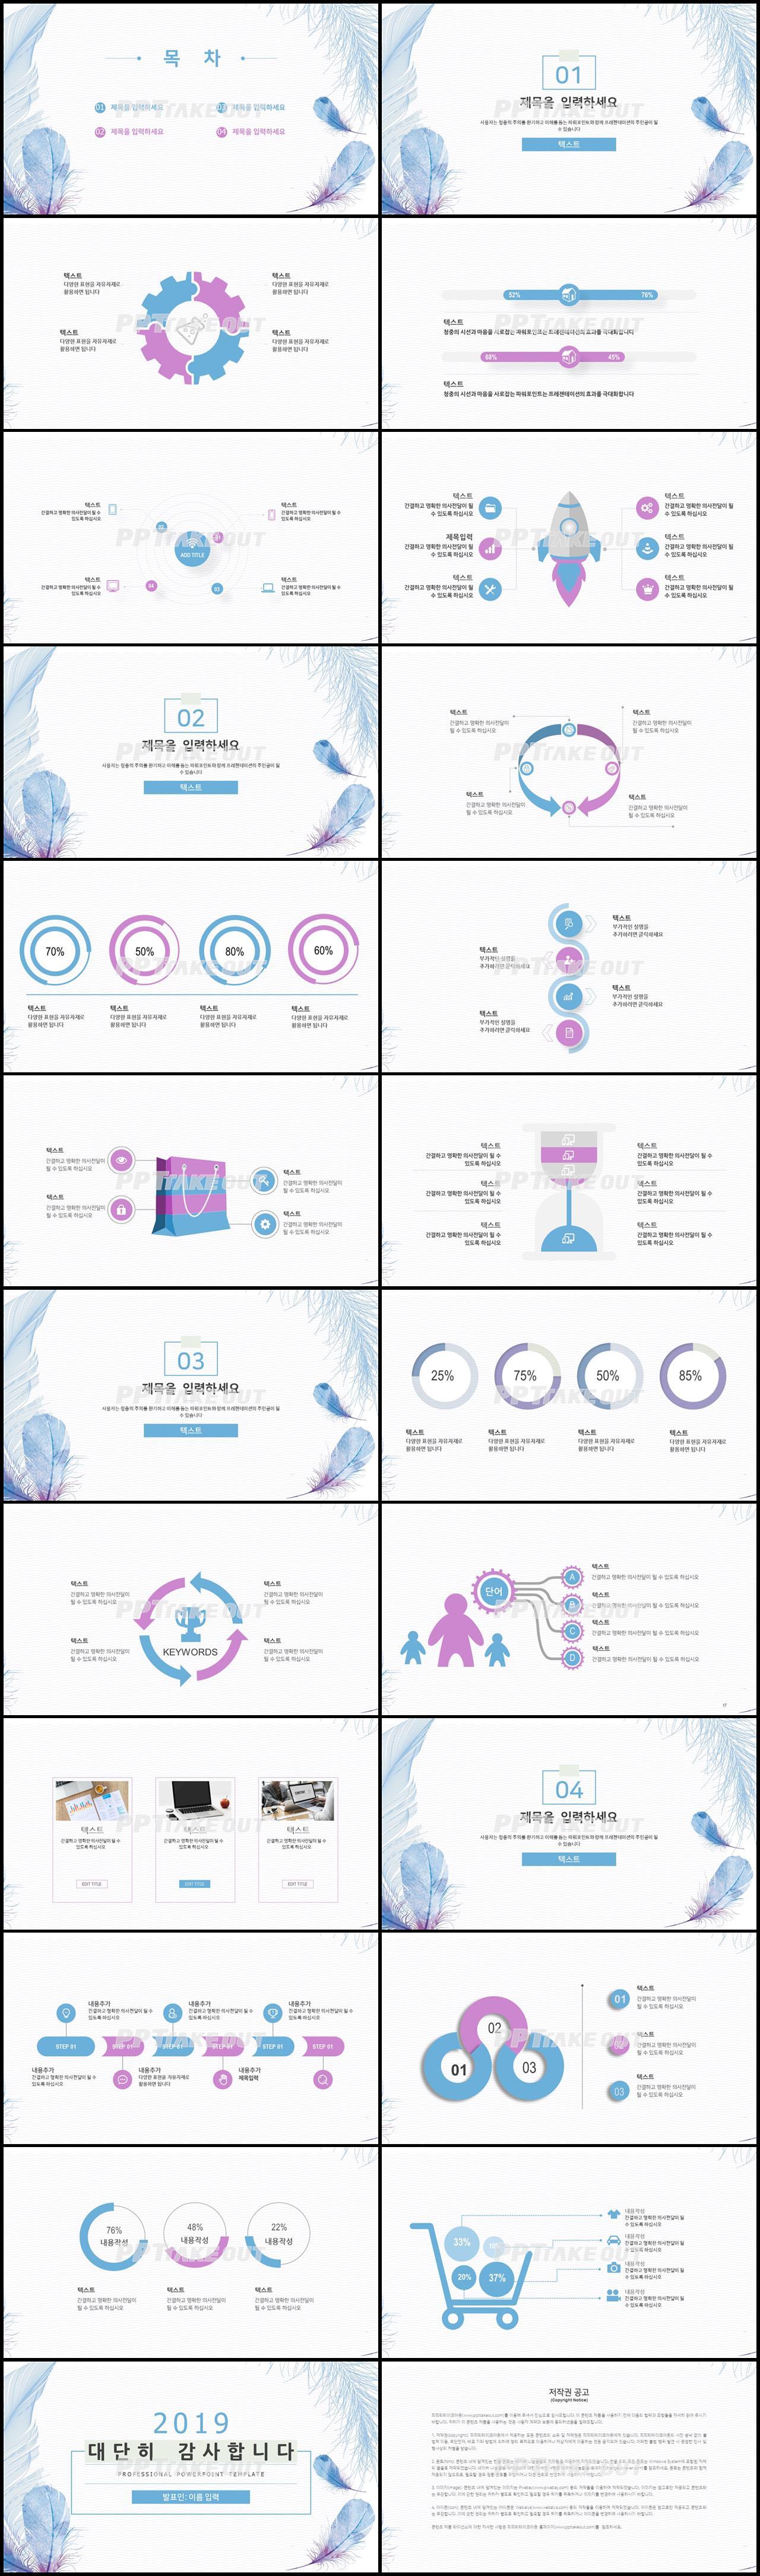 사업융자 자주색 자재화 고퀄리티 피피티탬플릿 제작 상세보기